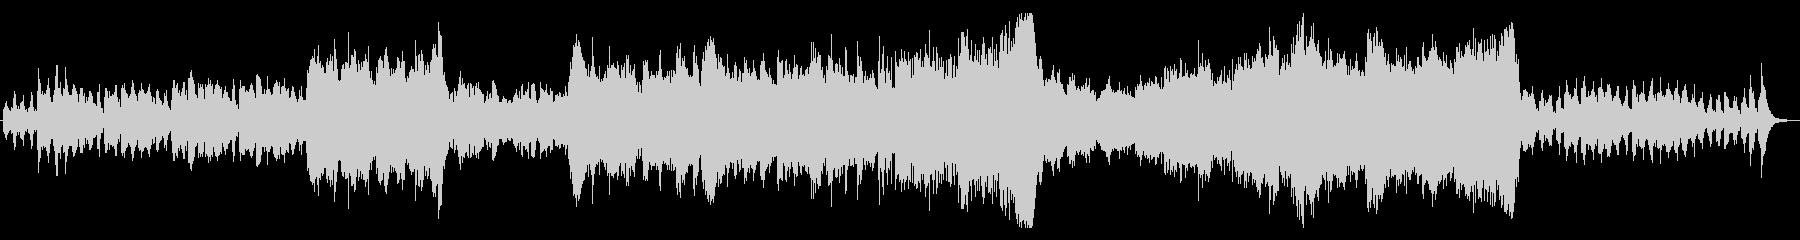 オーケストラ風のファンタジックなインストの未再生の波形